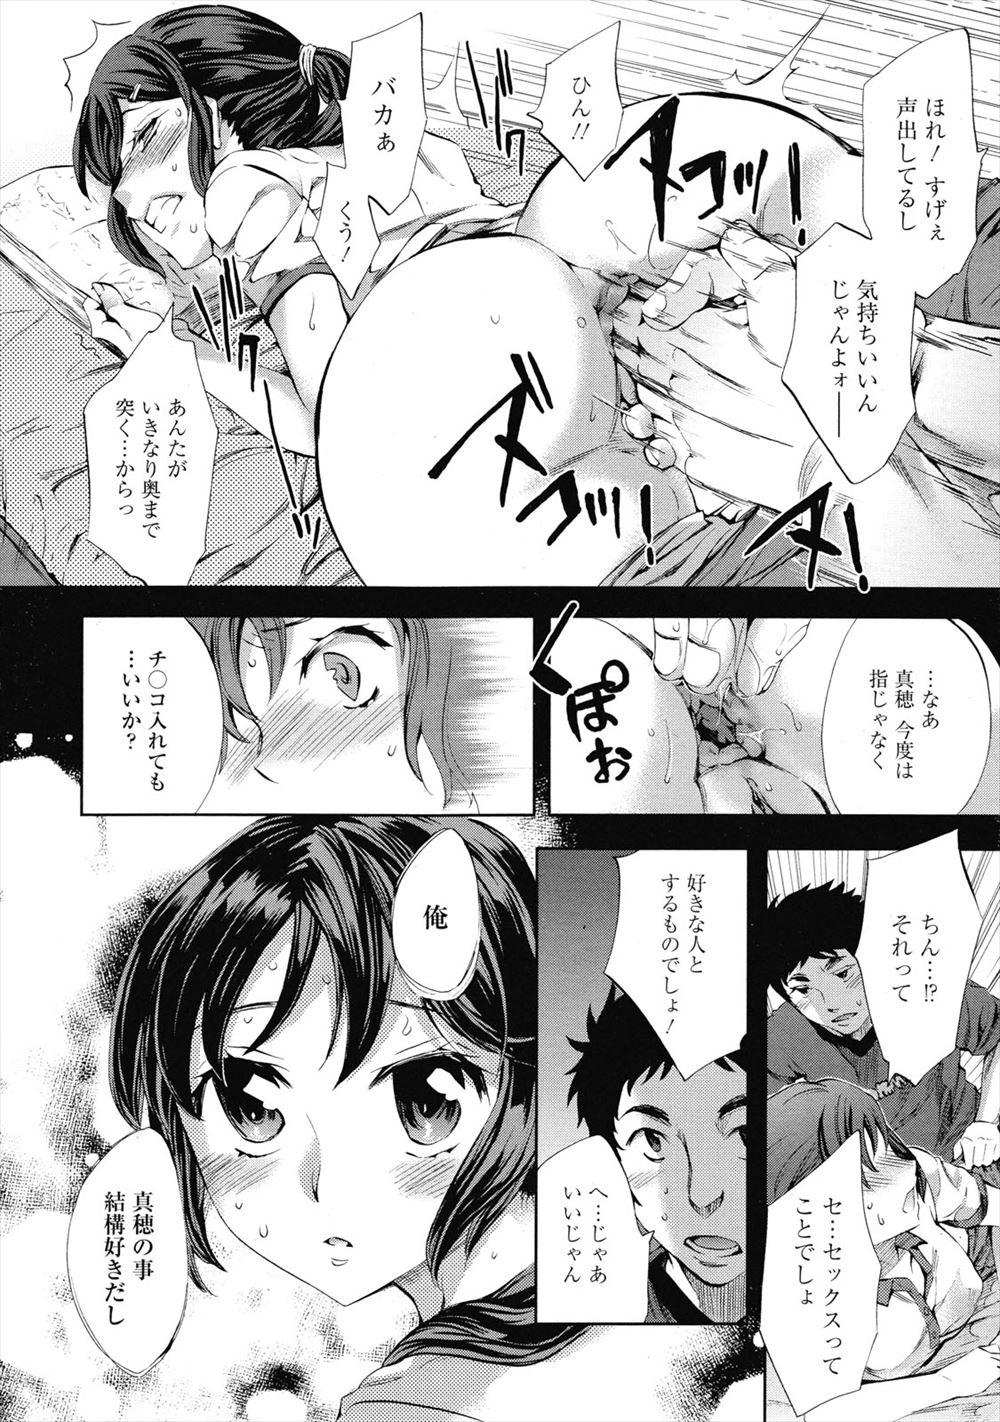 【エロ漫画】アナルが大好きな幼馴染に清楚な彼女が出来て落ち込むJK…彼が手を出してこようとしたので断るとアナルに挿れたい彼が自分と付き合うと言って強引に挿入しアナルに中出しセックス【えむあ:STR】